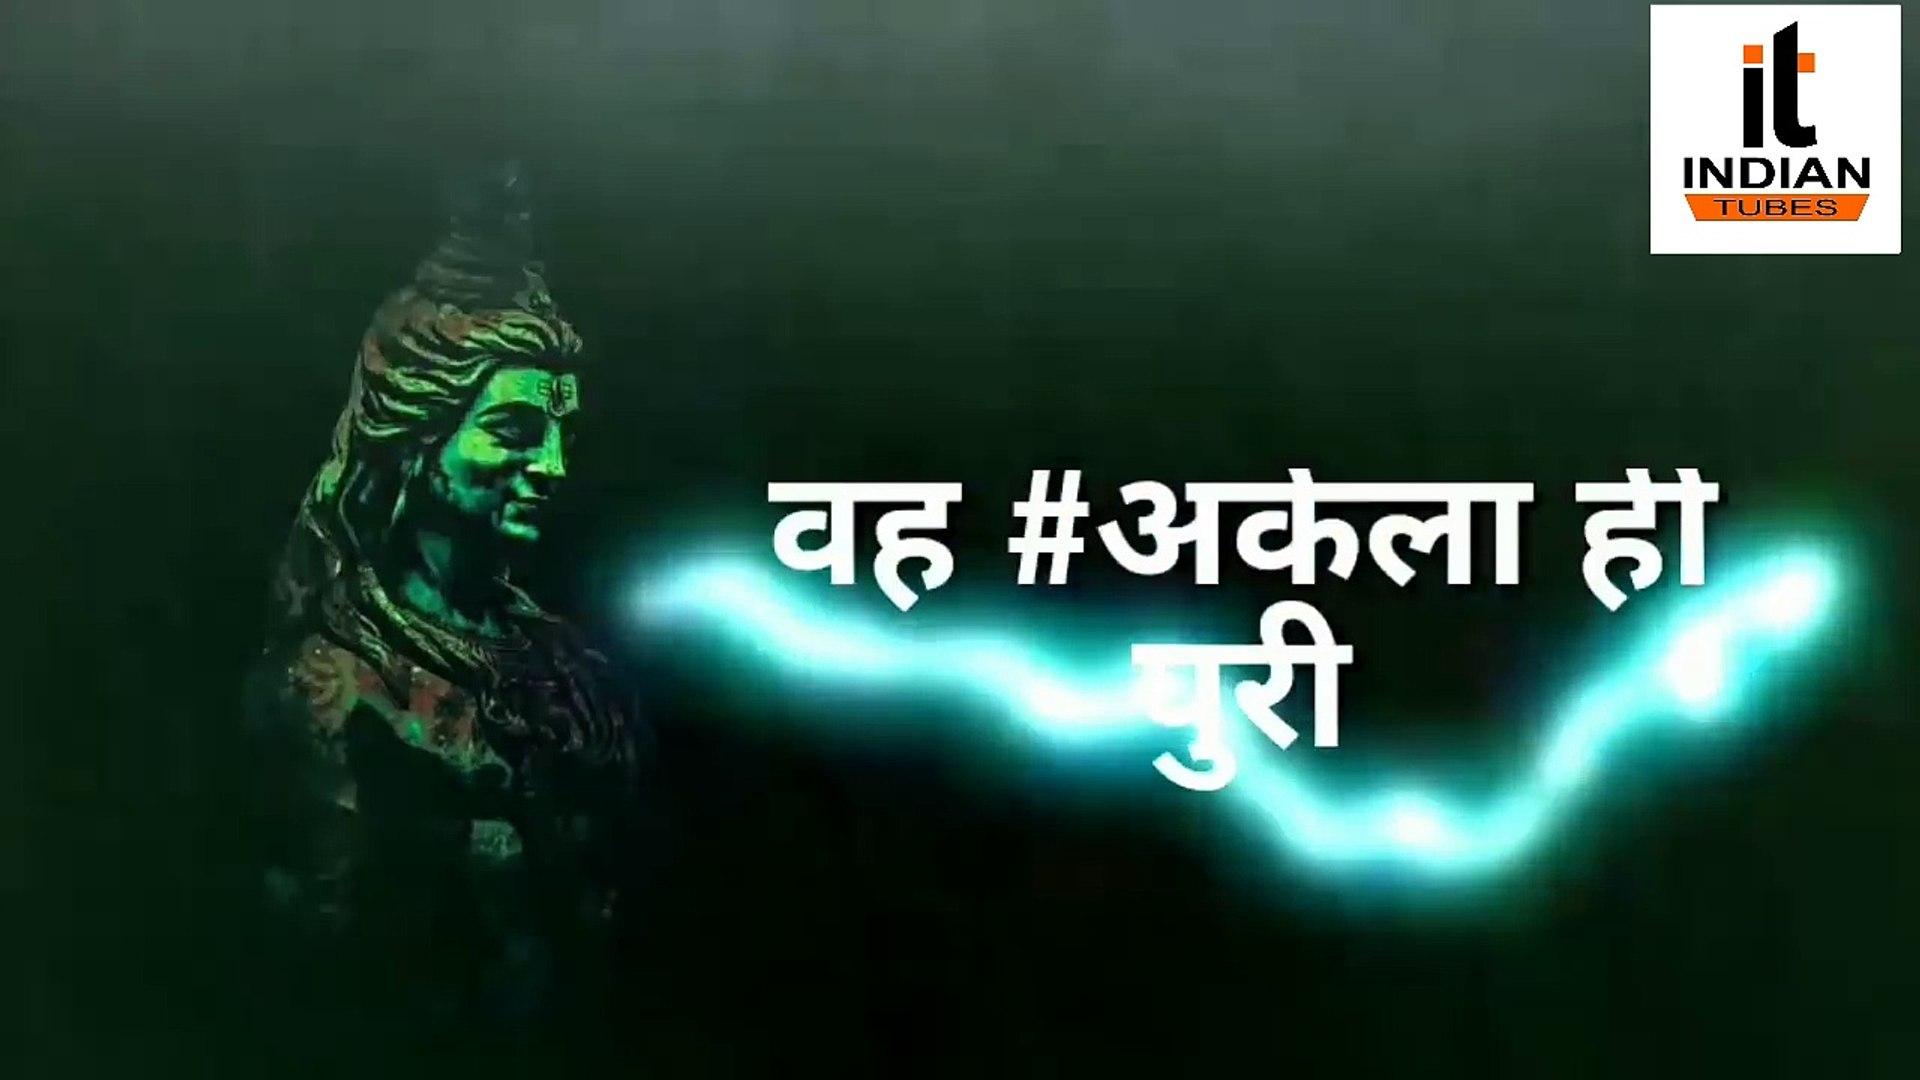 Rajasthani Whatsapp Status In Hindi